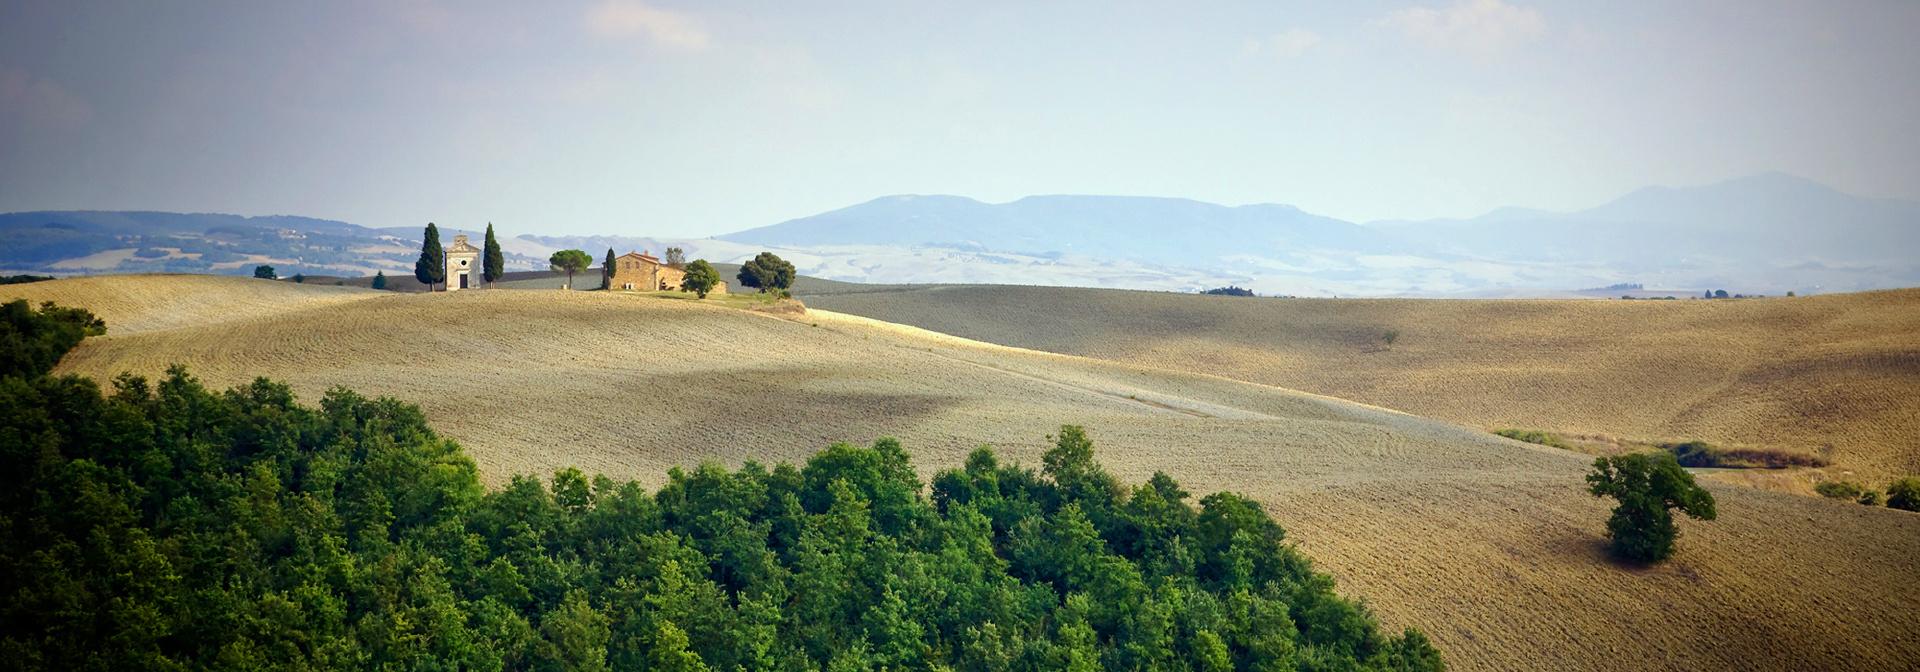 Heart of Italy